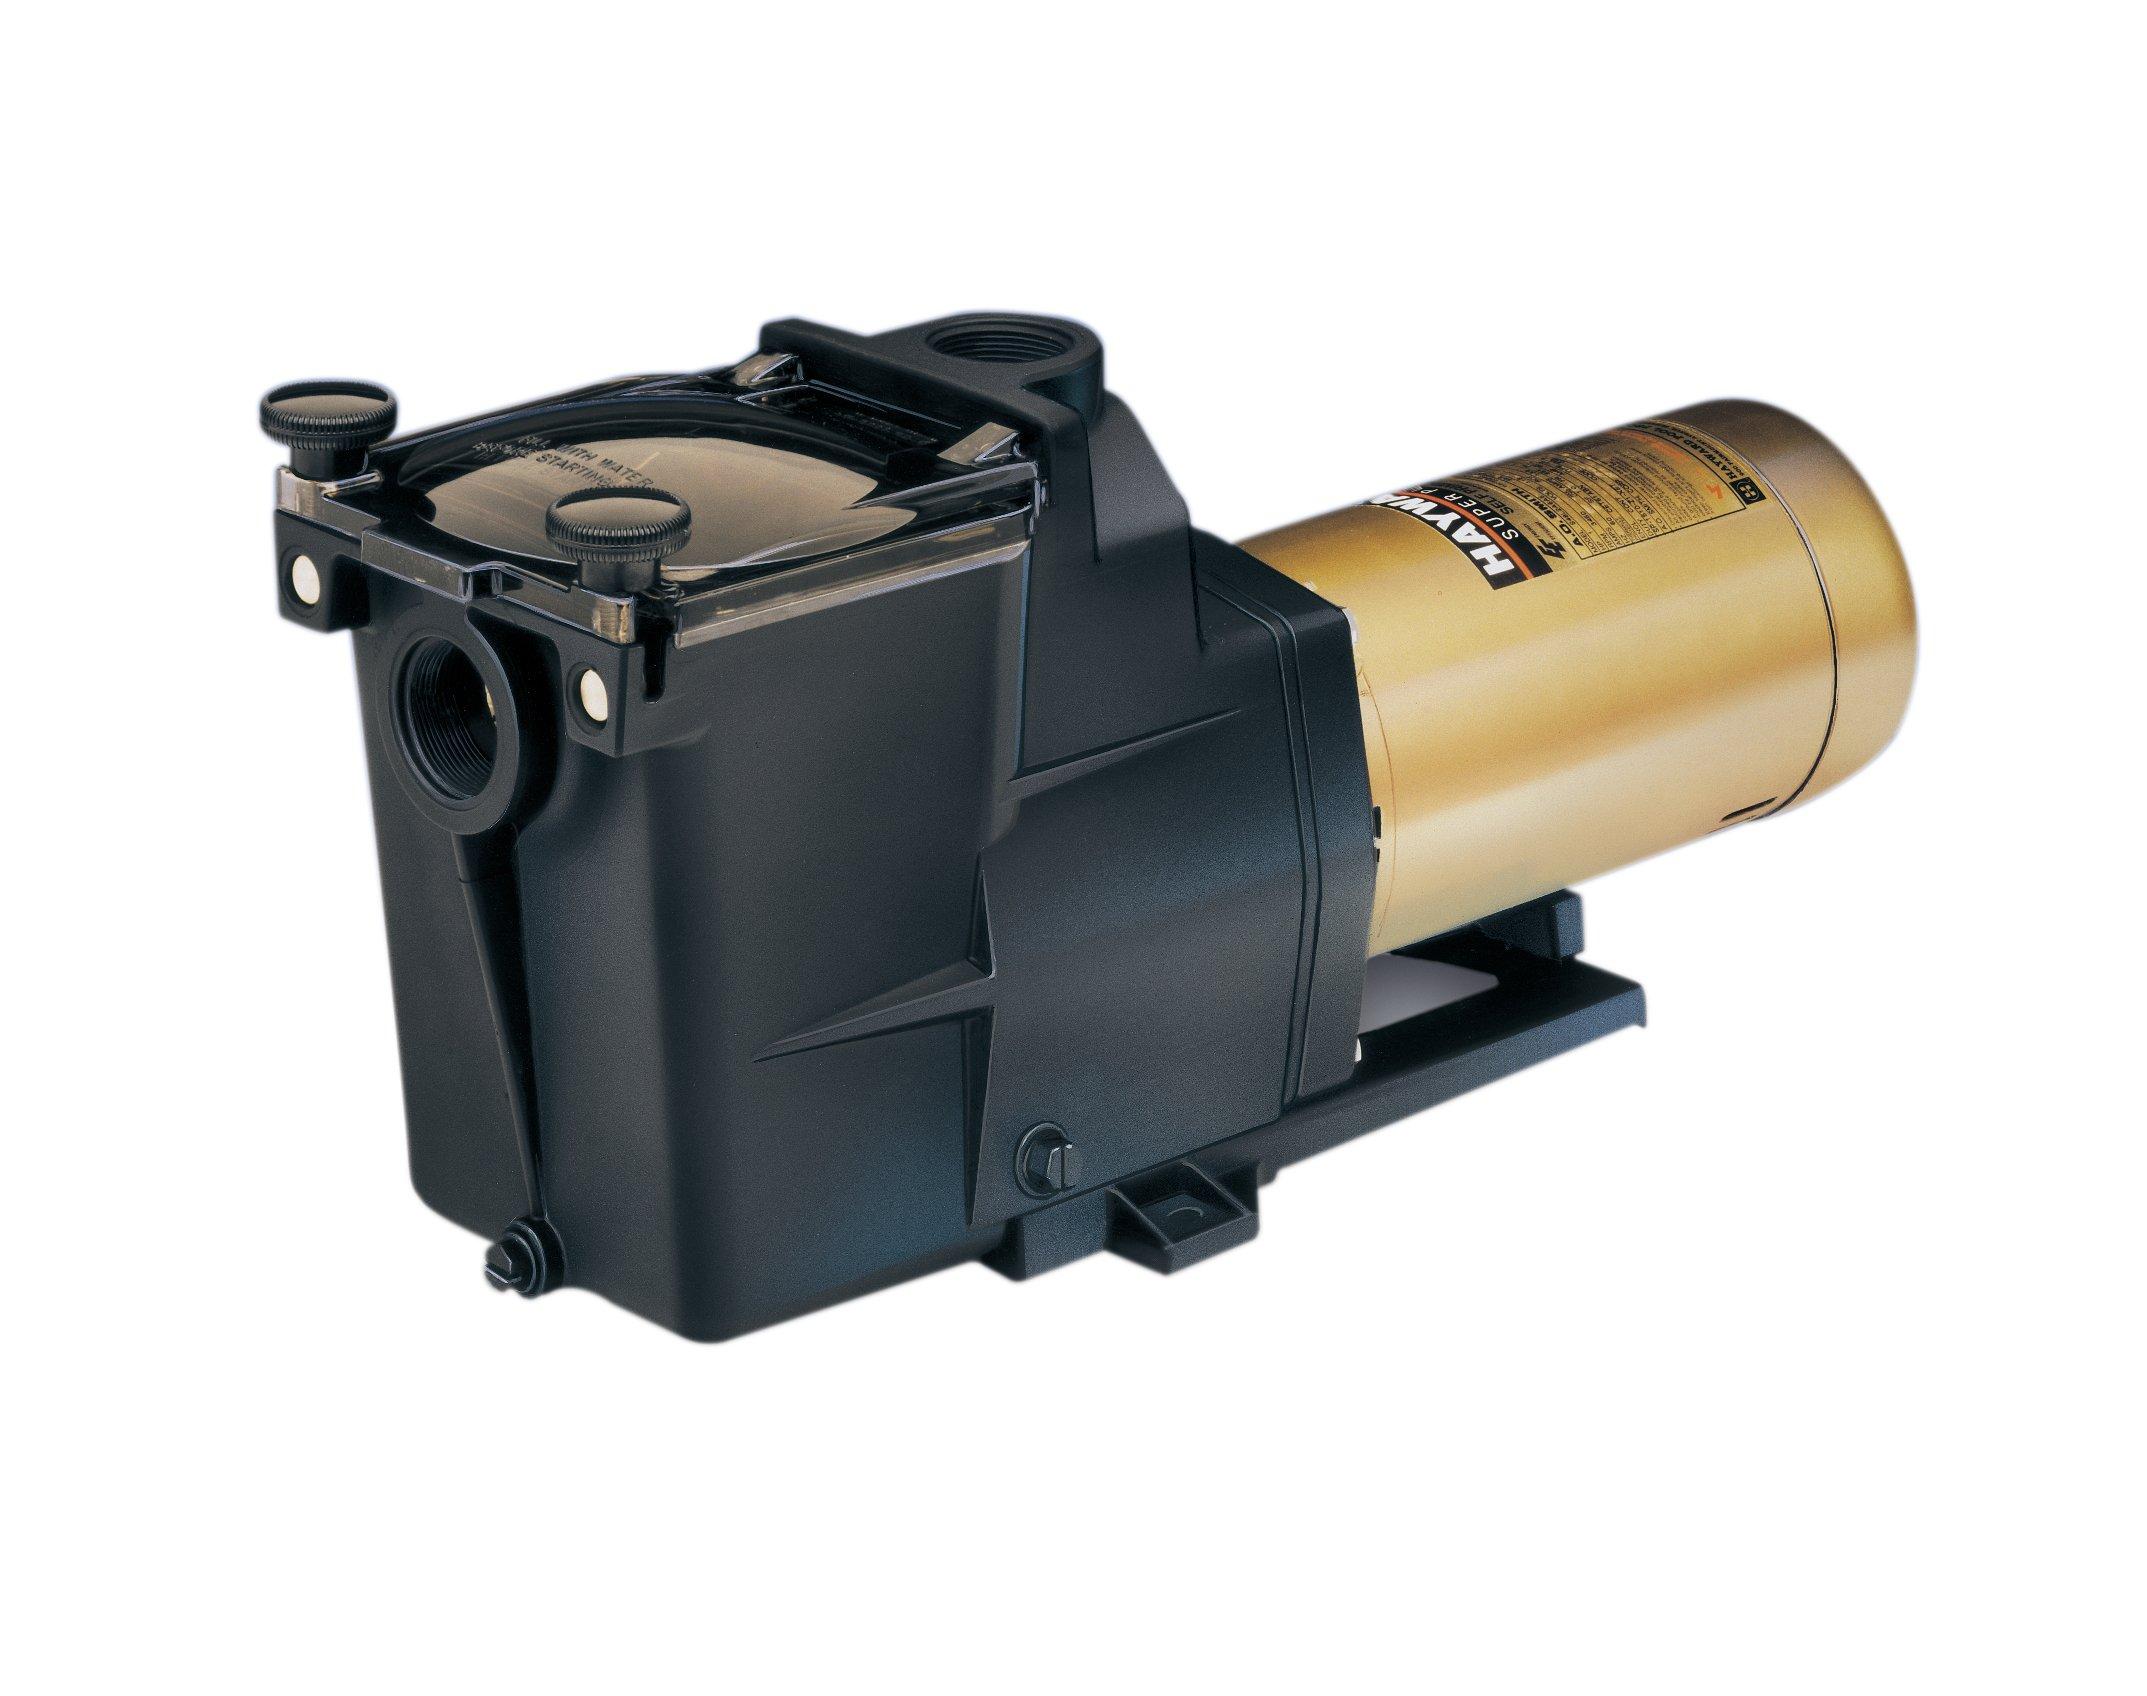 Hayward SP2615X202S Super Pump 2 HP Pool Pump, Dual-Speed, Energy Efficient